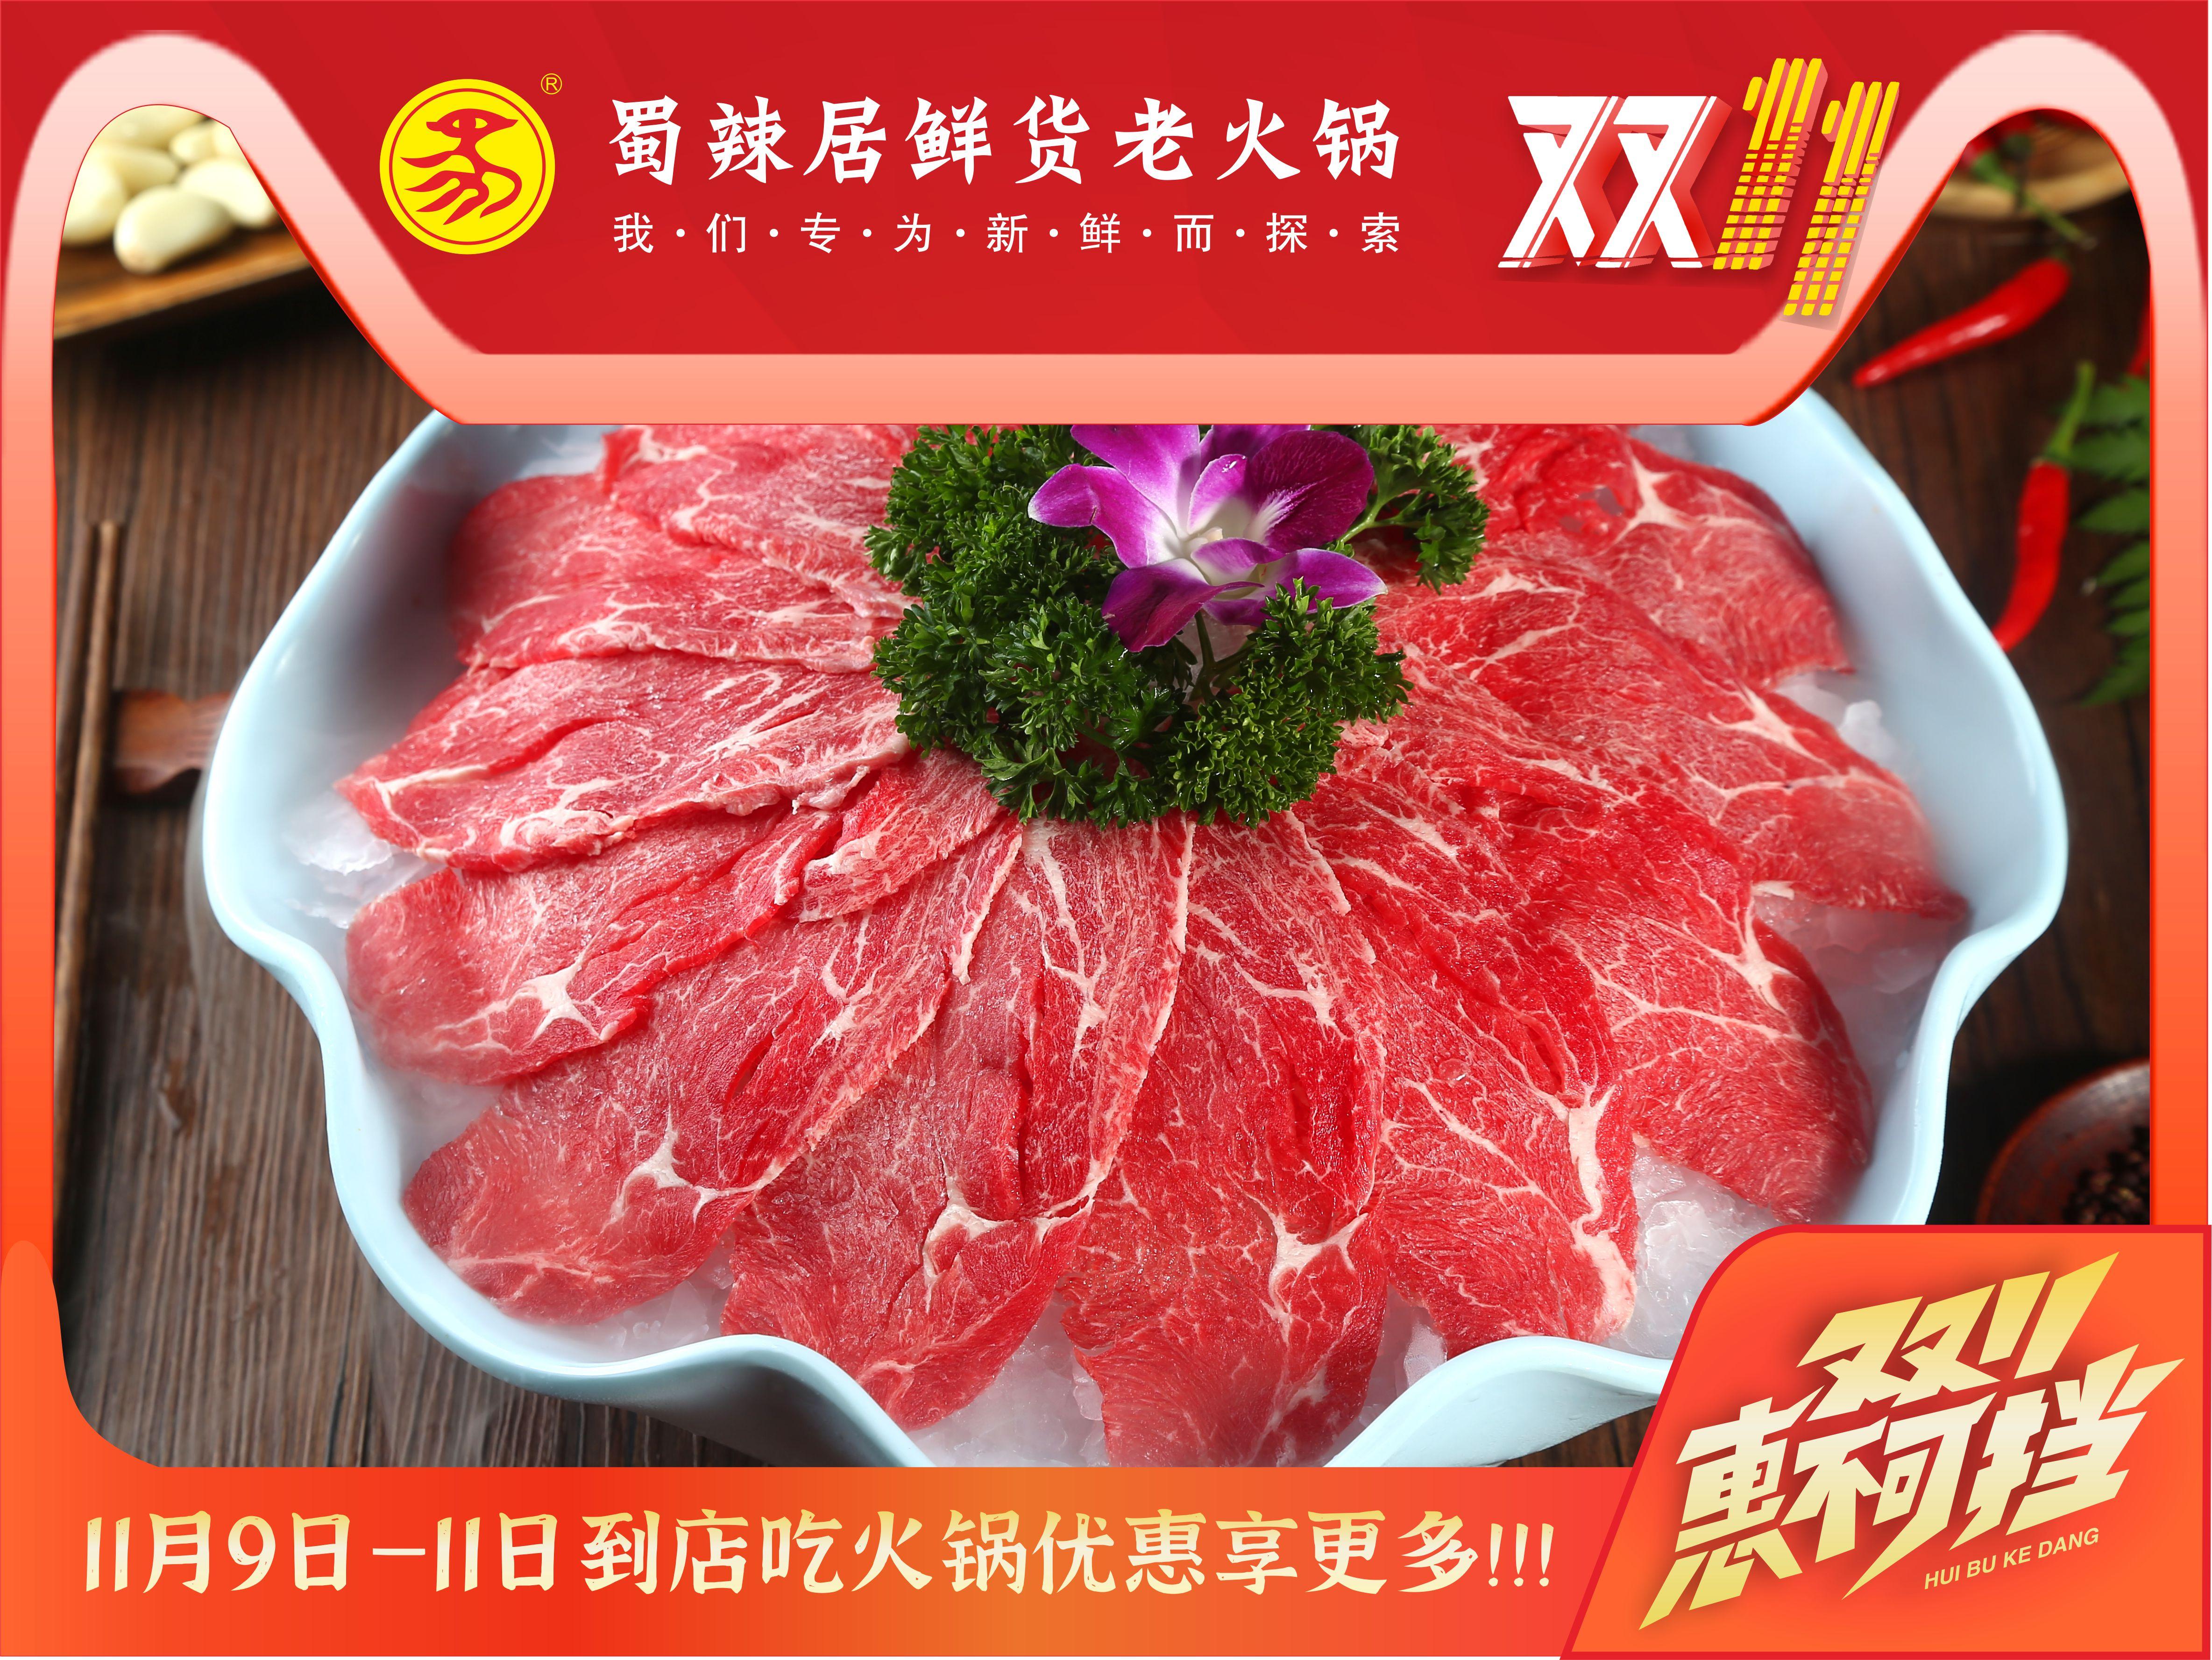 蜀辣居成都三家直营店同庆双11,折扣优惠享不停!